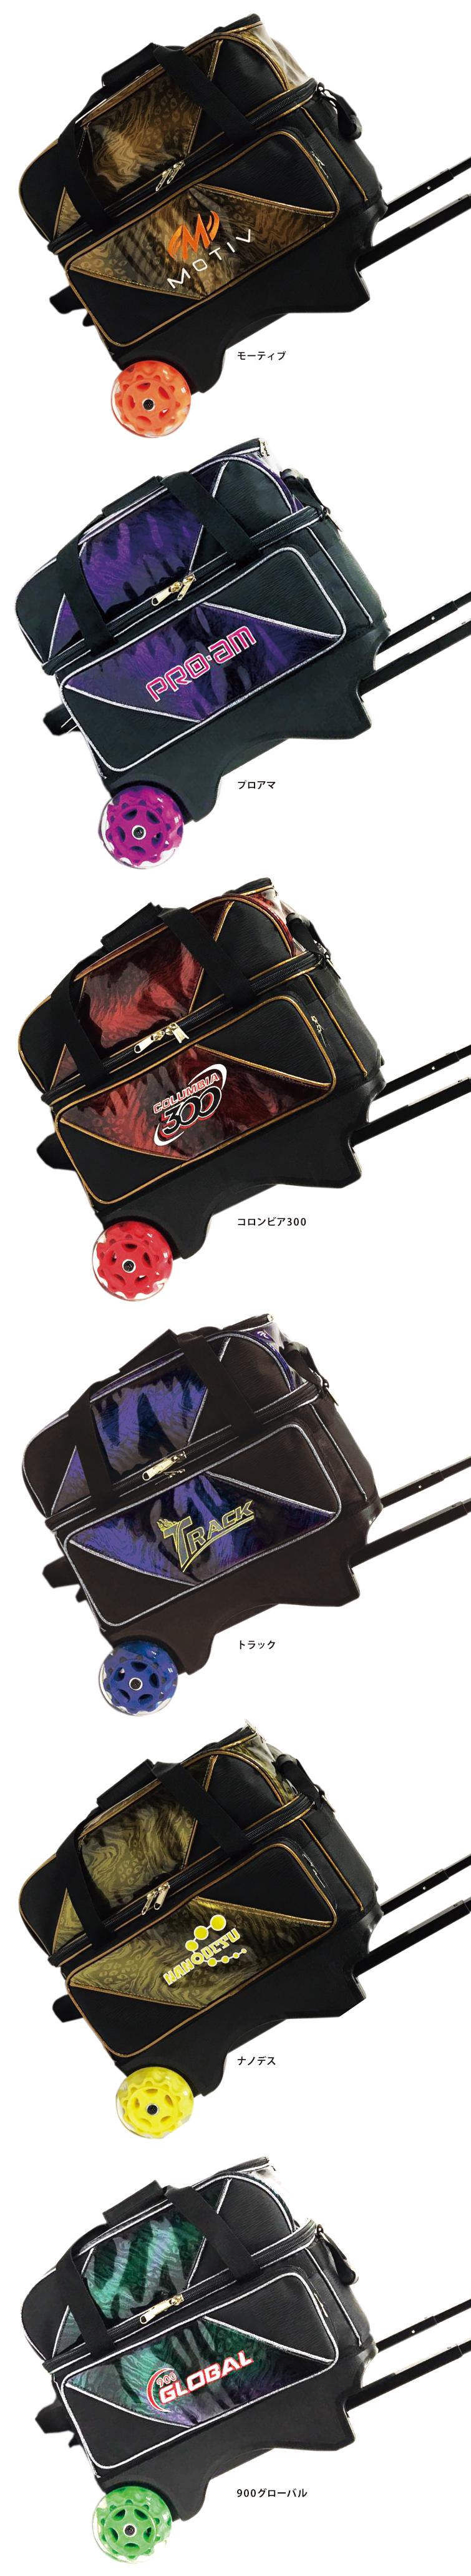 ボウリング用品 ボウリングバッグ ABS BRAND BAG ブランドバッグ ボール2個用カート BB-1800